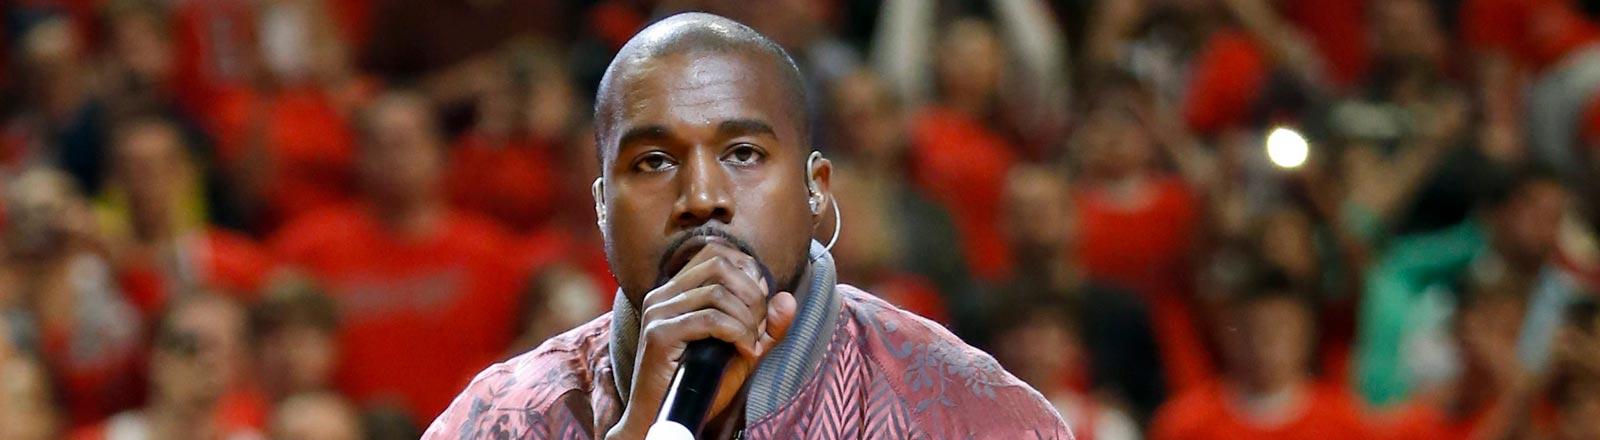 Musiker Kanye West.